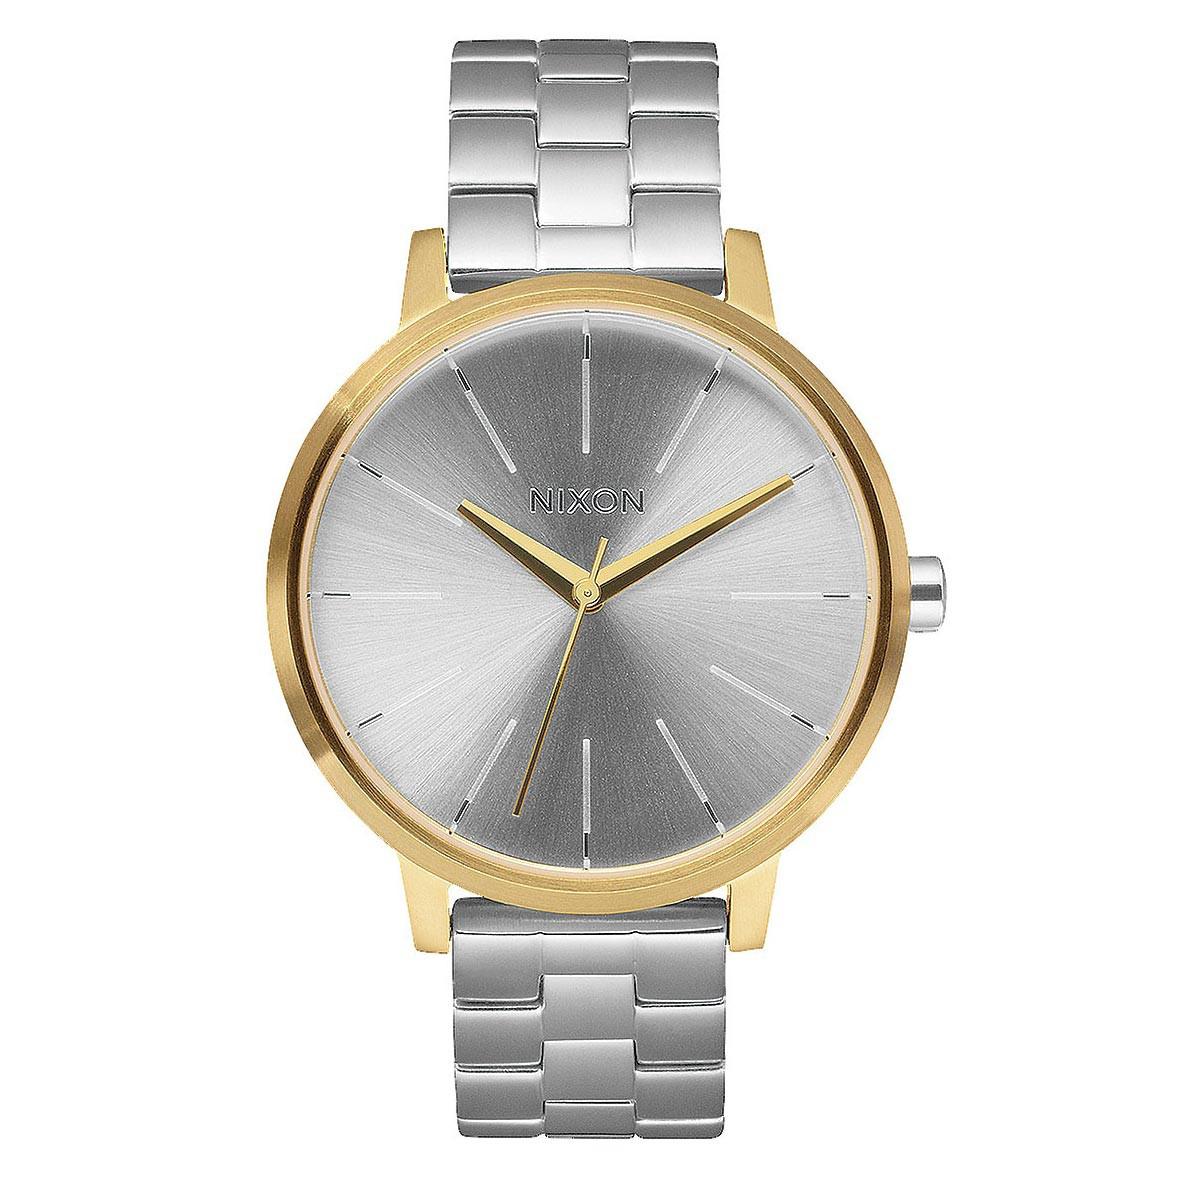 Hodinky Nixon Kensington gold/silver/silver vel.ocel 16 + doručení do 24 hodin